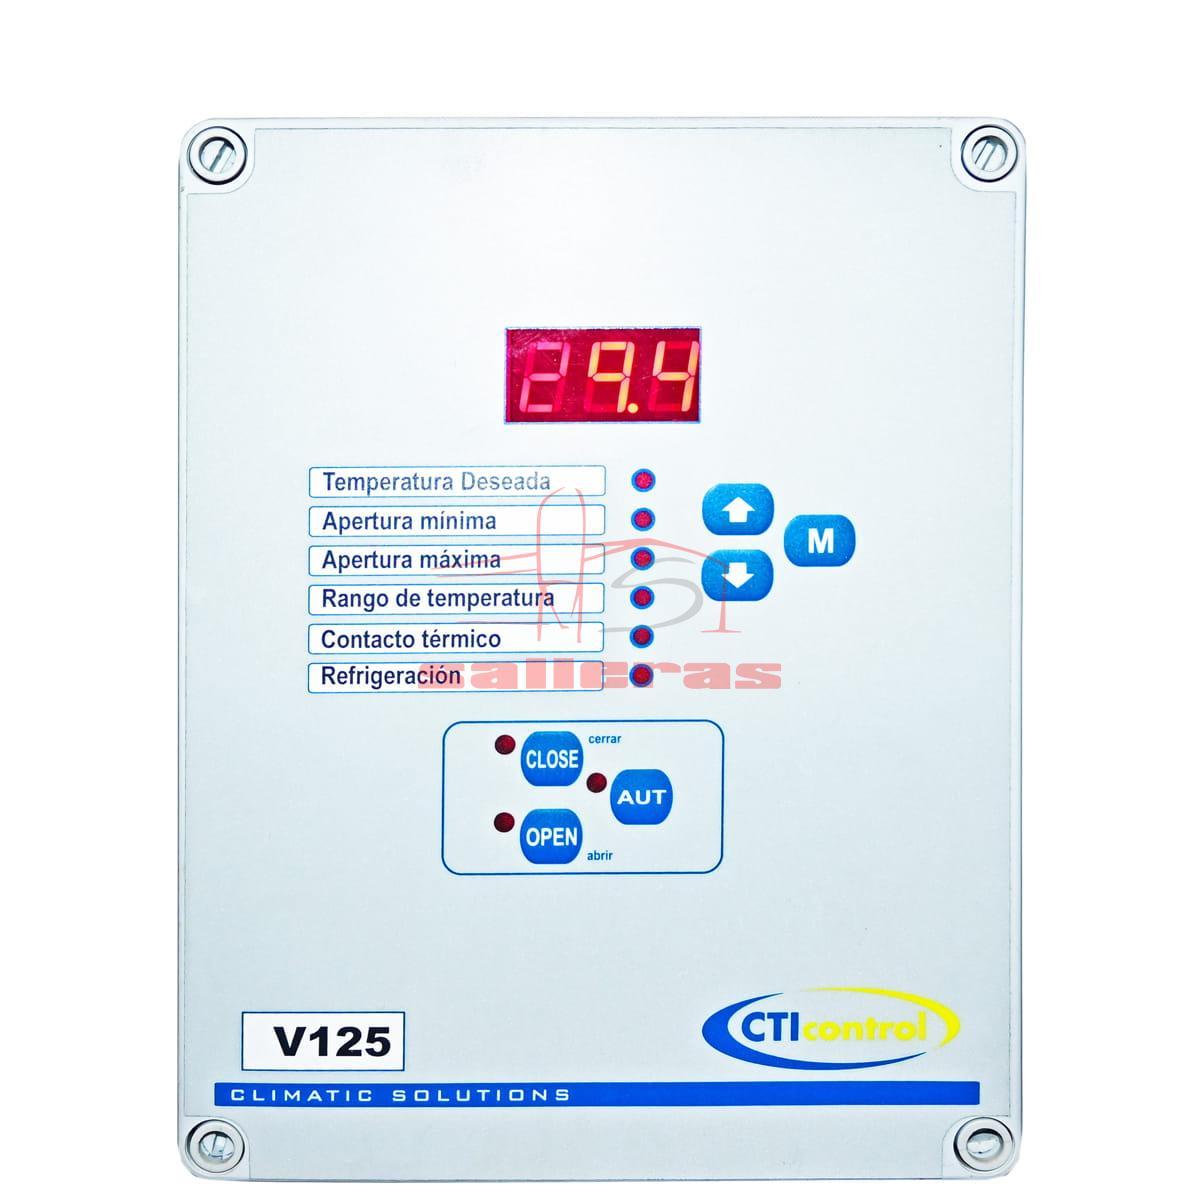 Regulador cti v125